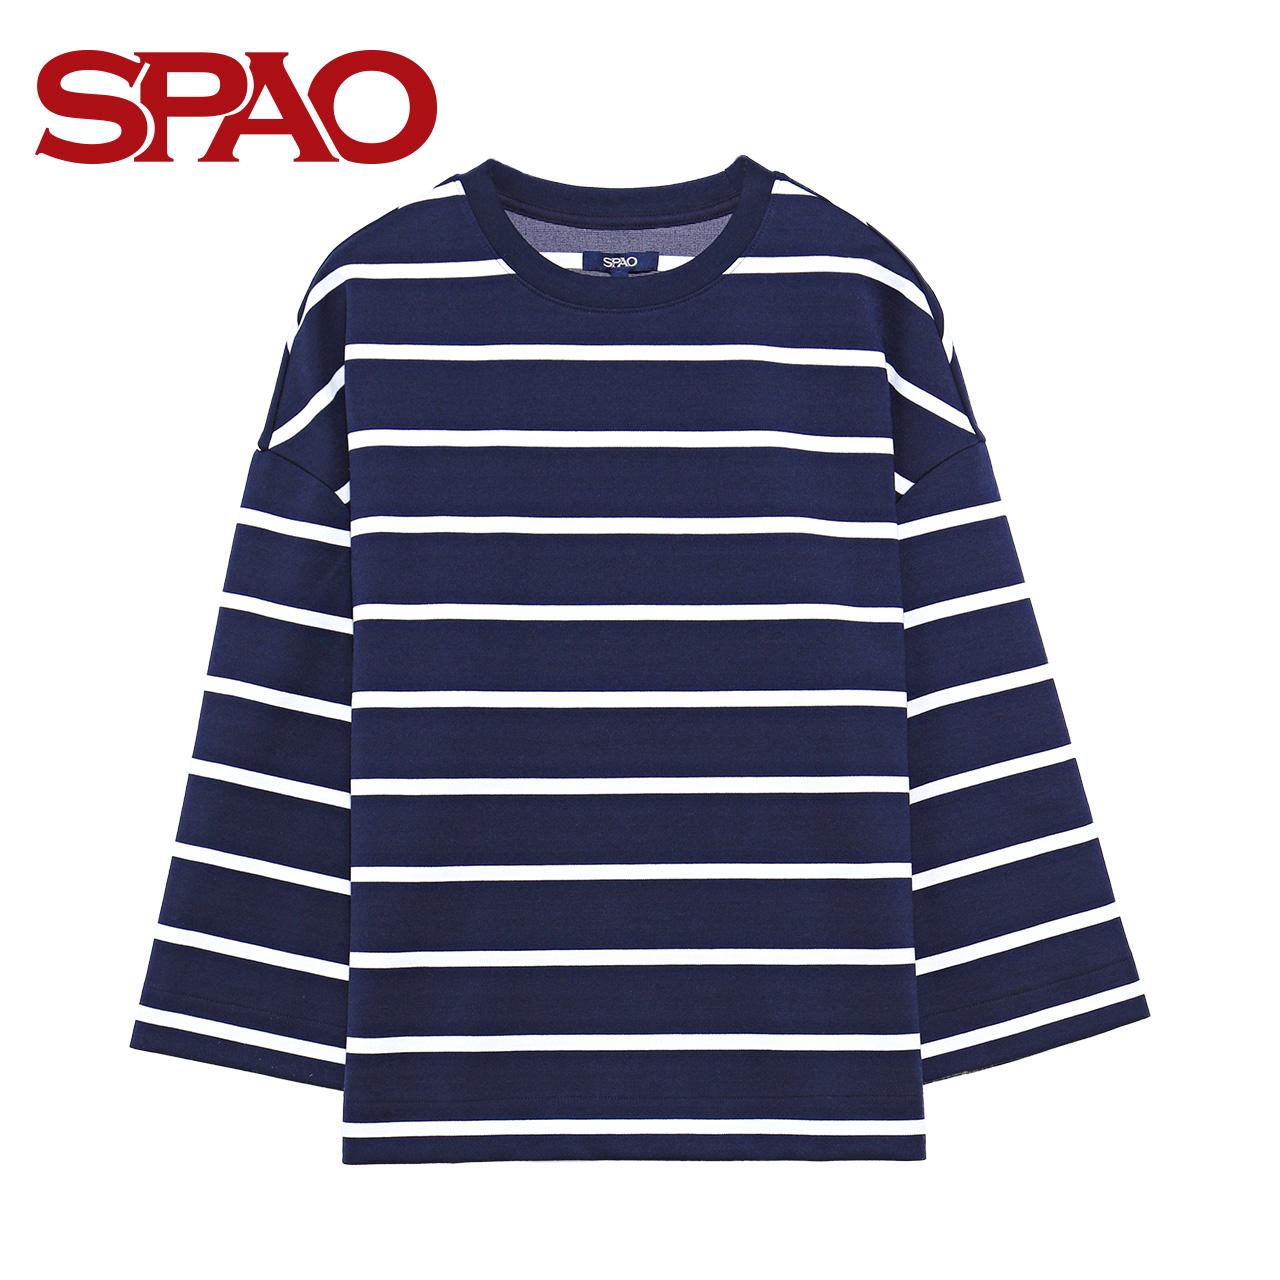 女士套头卫衣 SPAO2017春季新款女式条纹宽松休闲圆领百搭套头卫衣SPMW723G32_推荐淘宝好看的女士套头卫衣